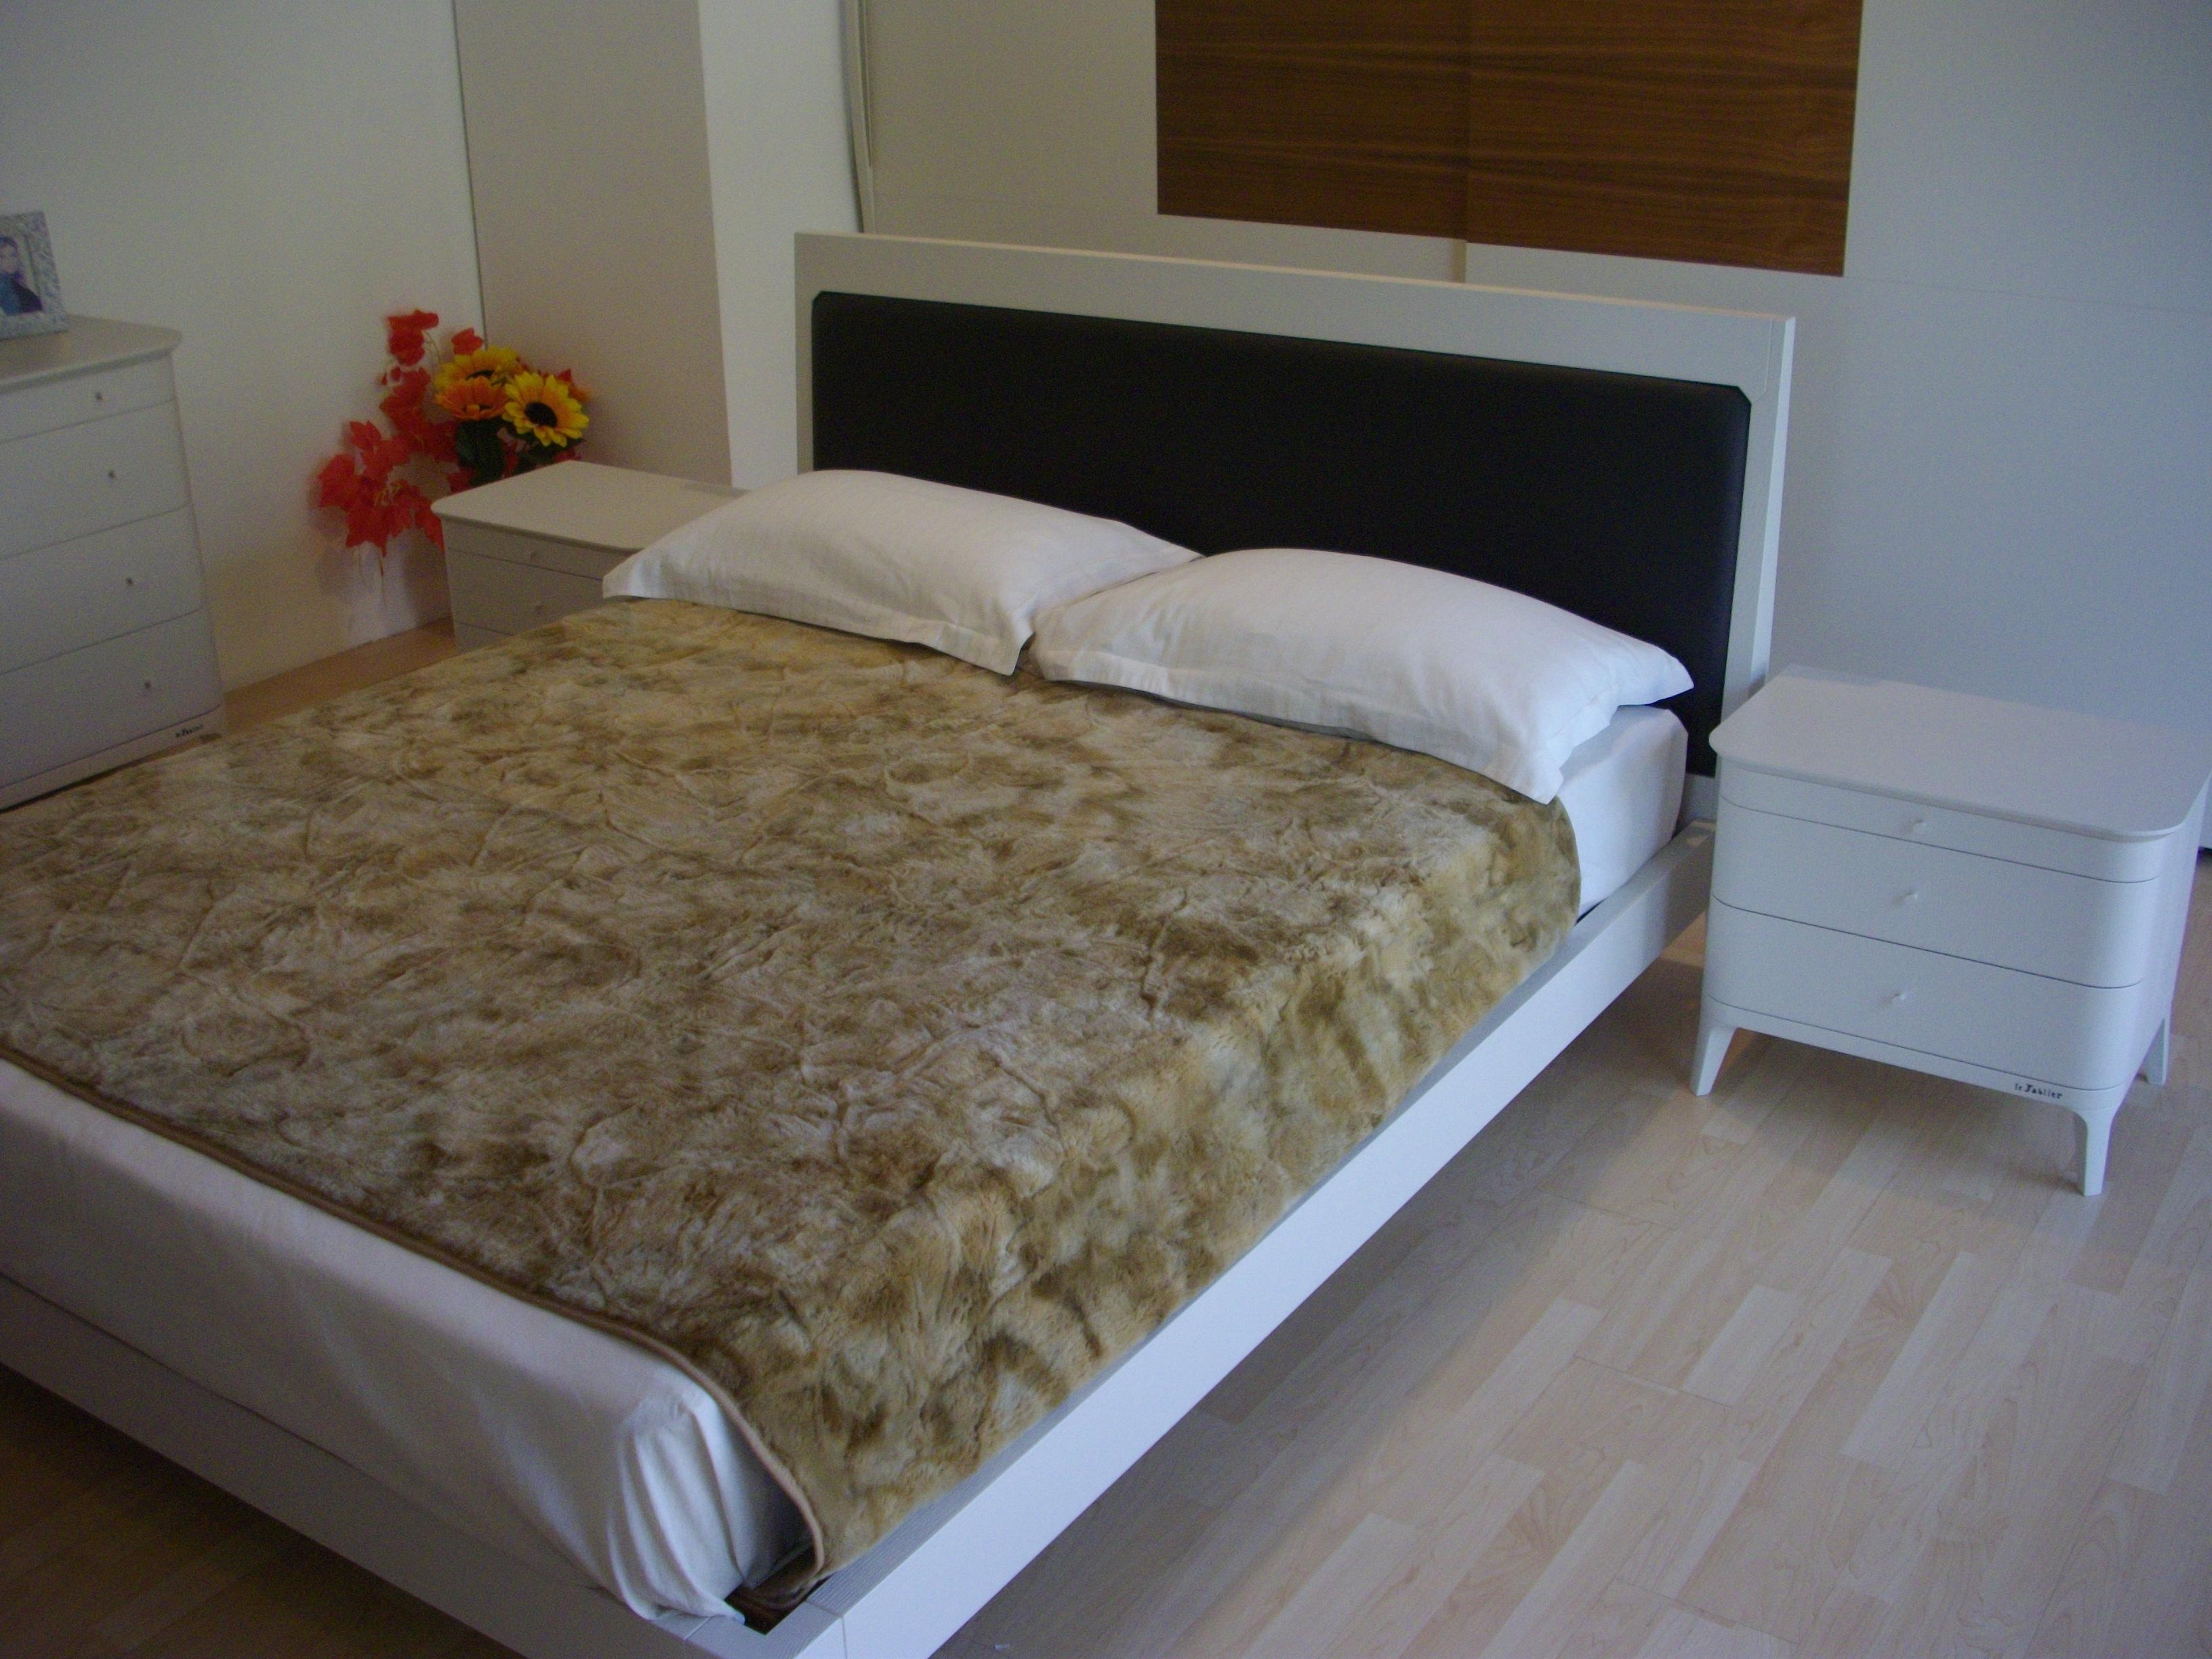 Promozioni camere da letto le fablier - Prezzi camere da letto le fablier ...